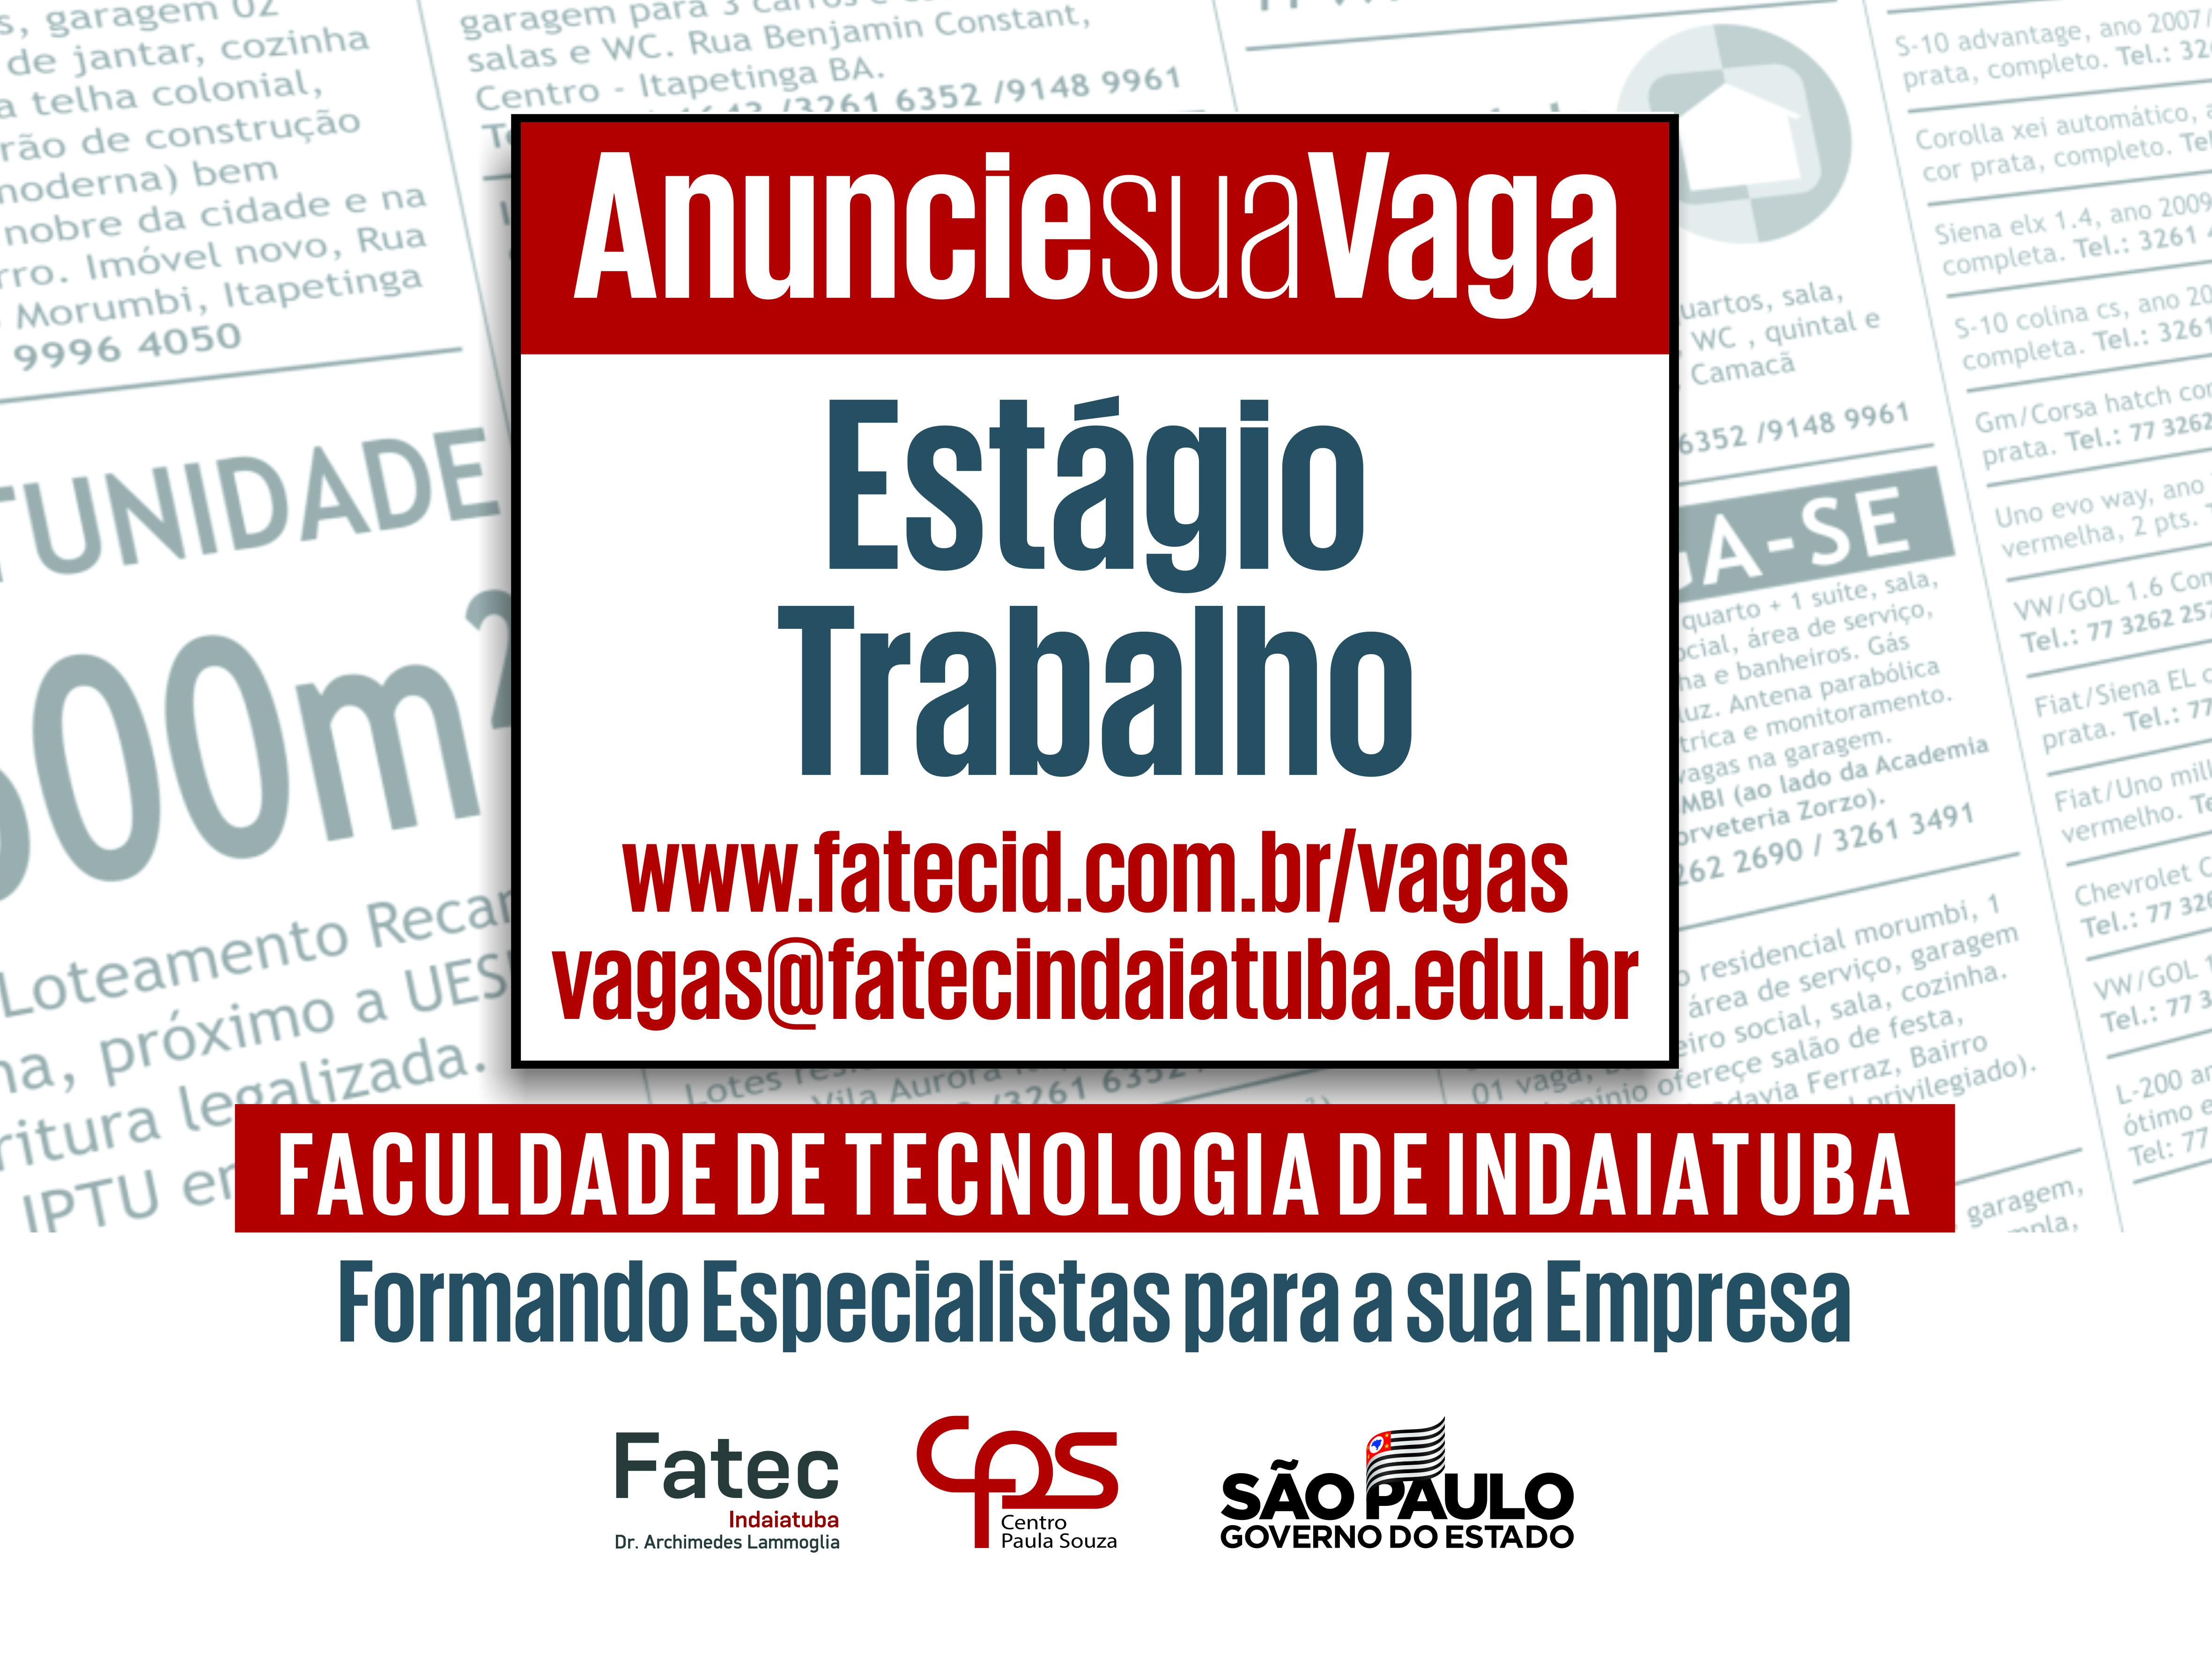 FATEC - Faculdade de Tecnologia de Indaiatuba